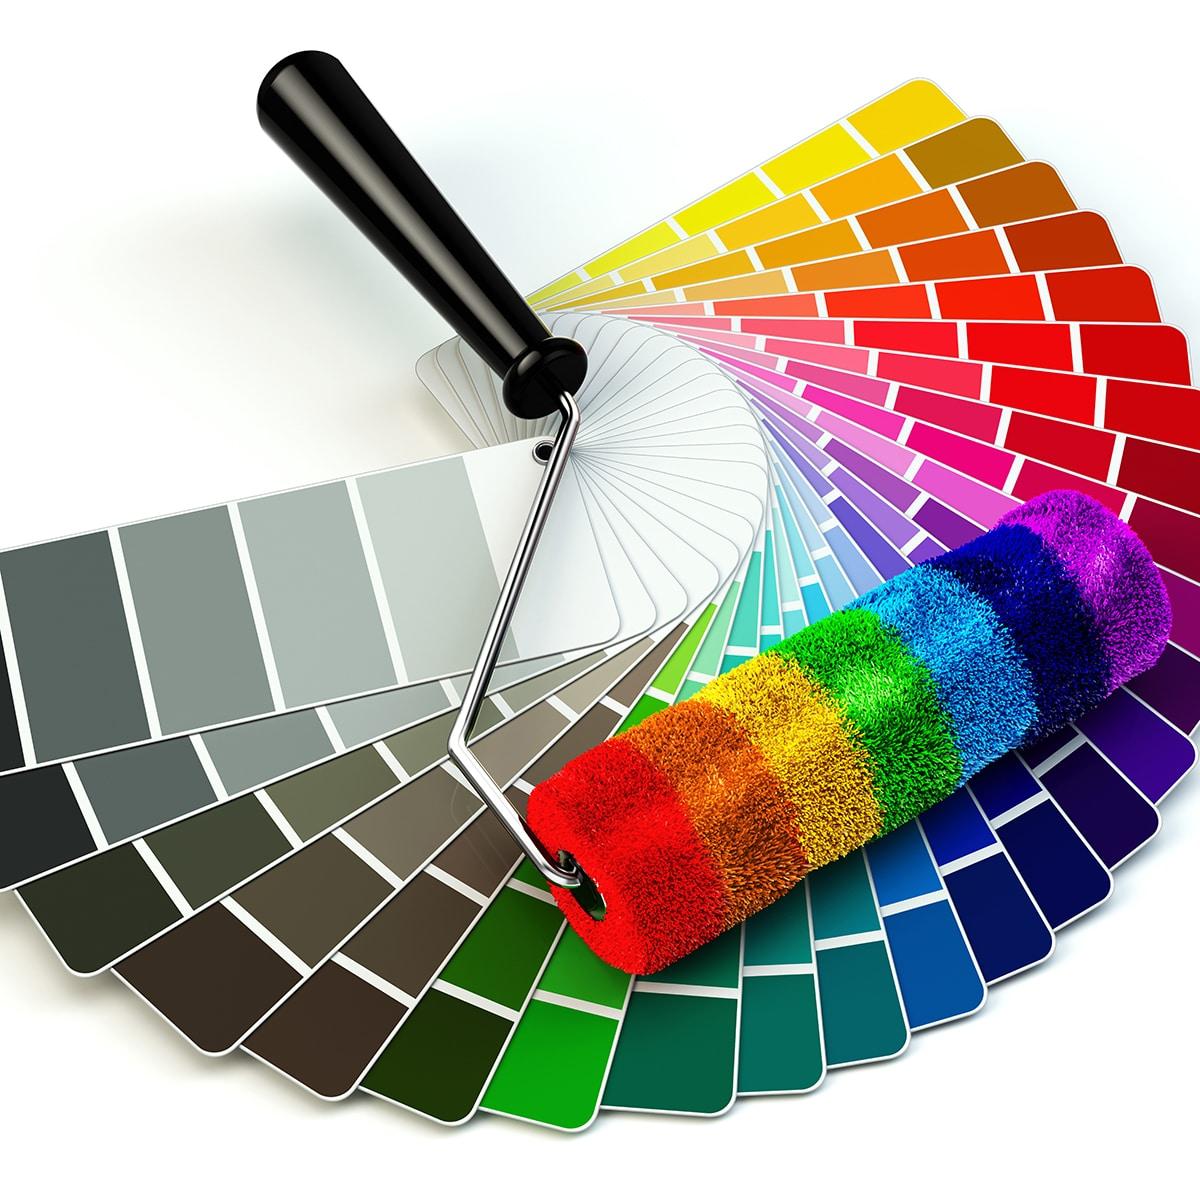 Color temperature, Tint, Kelvin